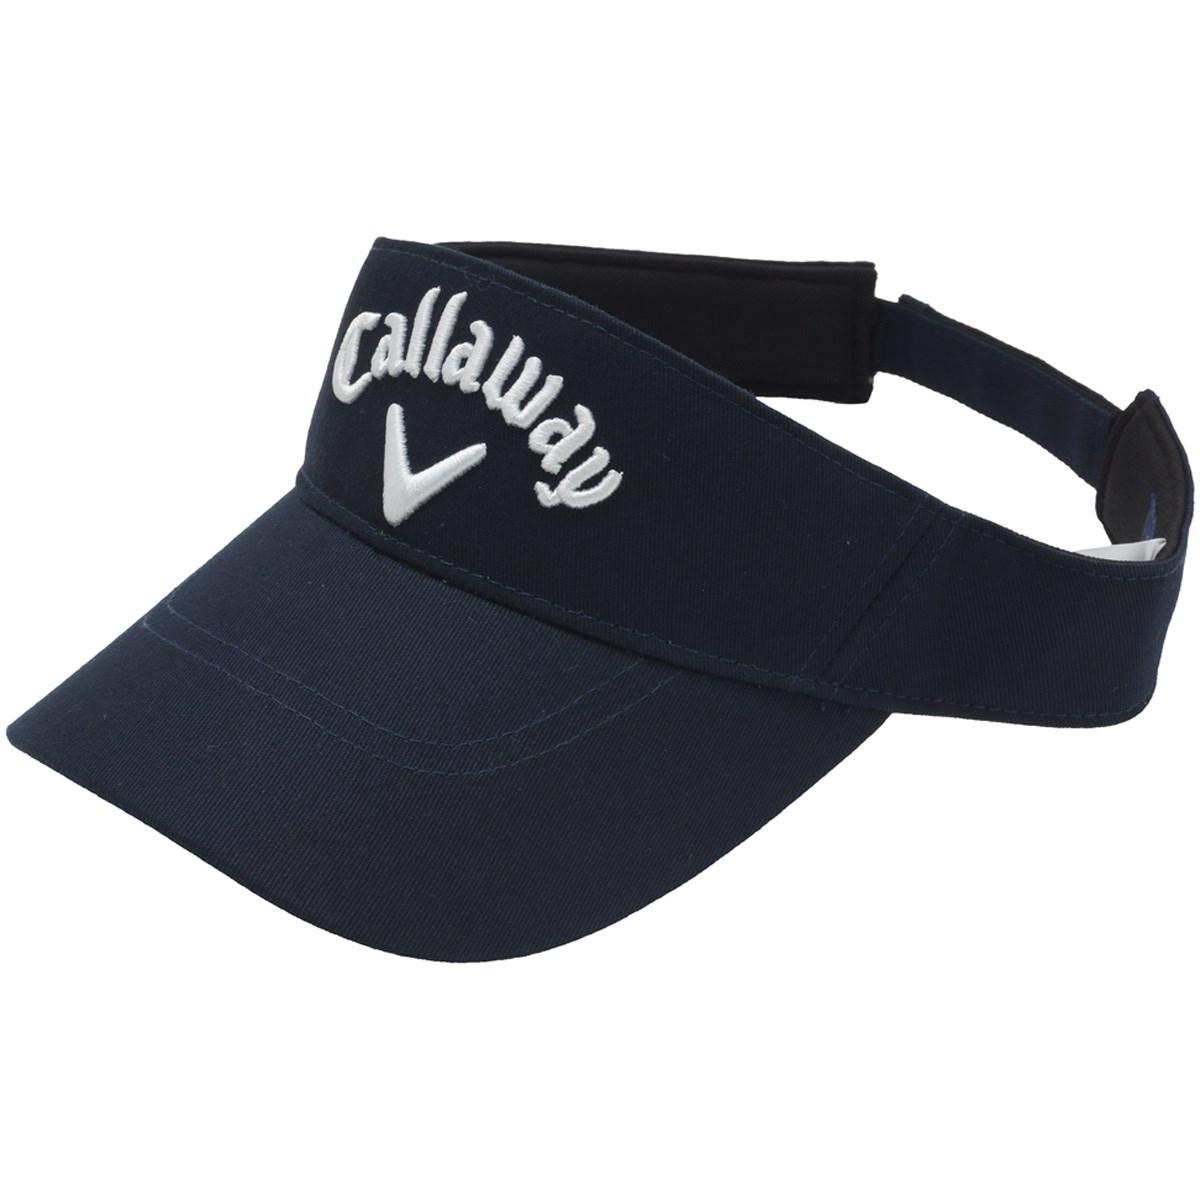 キャロウェイゴルフ(Callaway Golf) ベーシックサンバイザー